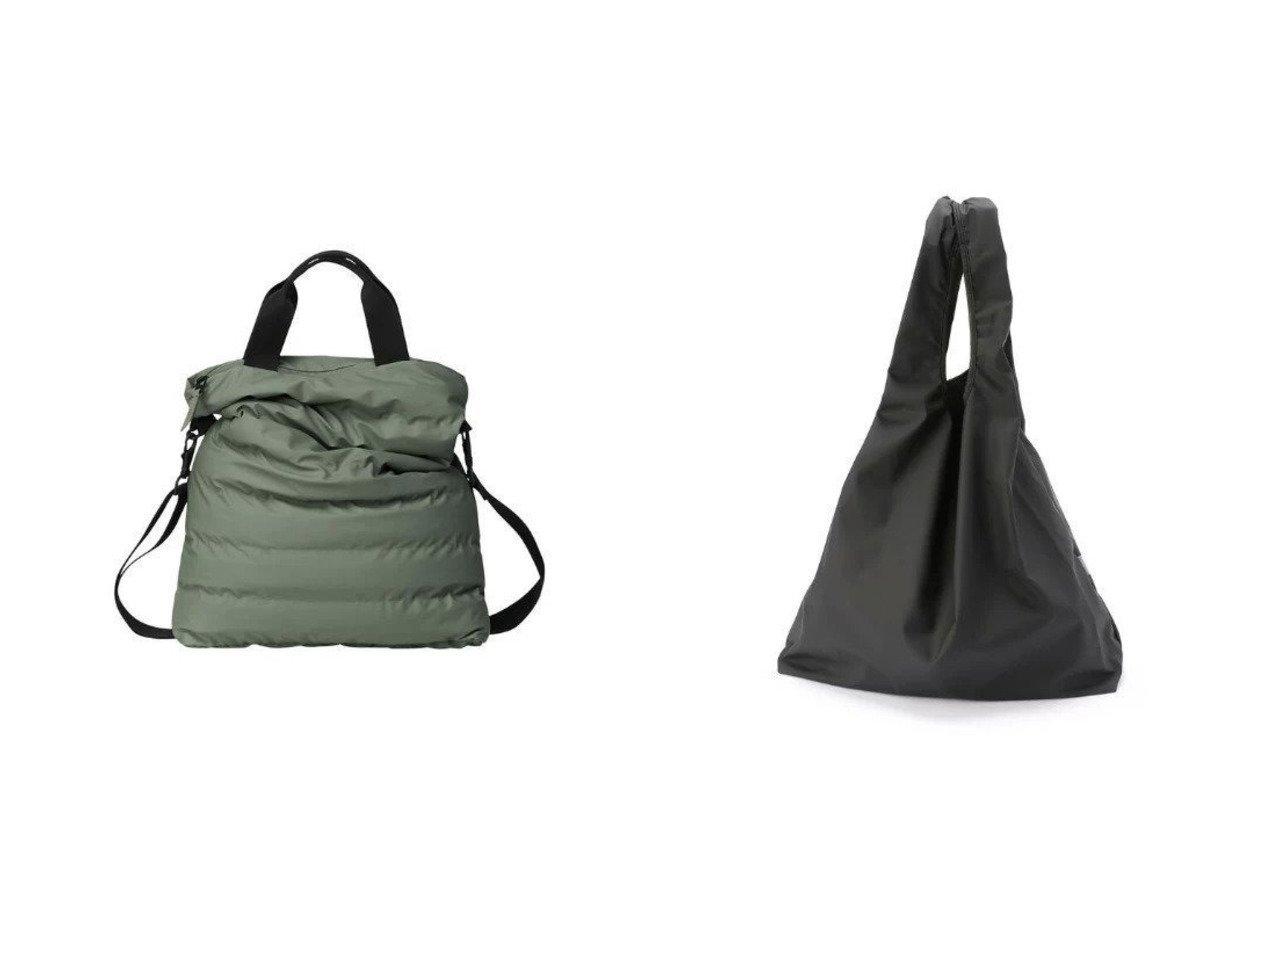 【RAINS/レインズ】のTrekker Tote&Market Bag Totes 【バッグ・鞄】おすすめ!人気、トレンド・レディースファッションの通販 おすすめで人気の流行・トレンド、ファッションの通販商品 メンズファッション・キッズファッション・インテリア・家具・レディースファッション・服の通販 founy(ファニー) https://founy.com/ ファッション Fashion レディースファッション WOMEN バッグ Bag シンプル ワンポイント フォルム |ID:crp329100000029224